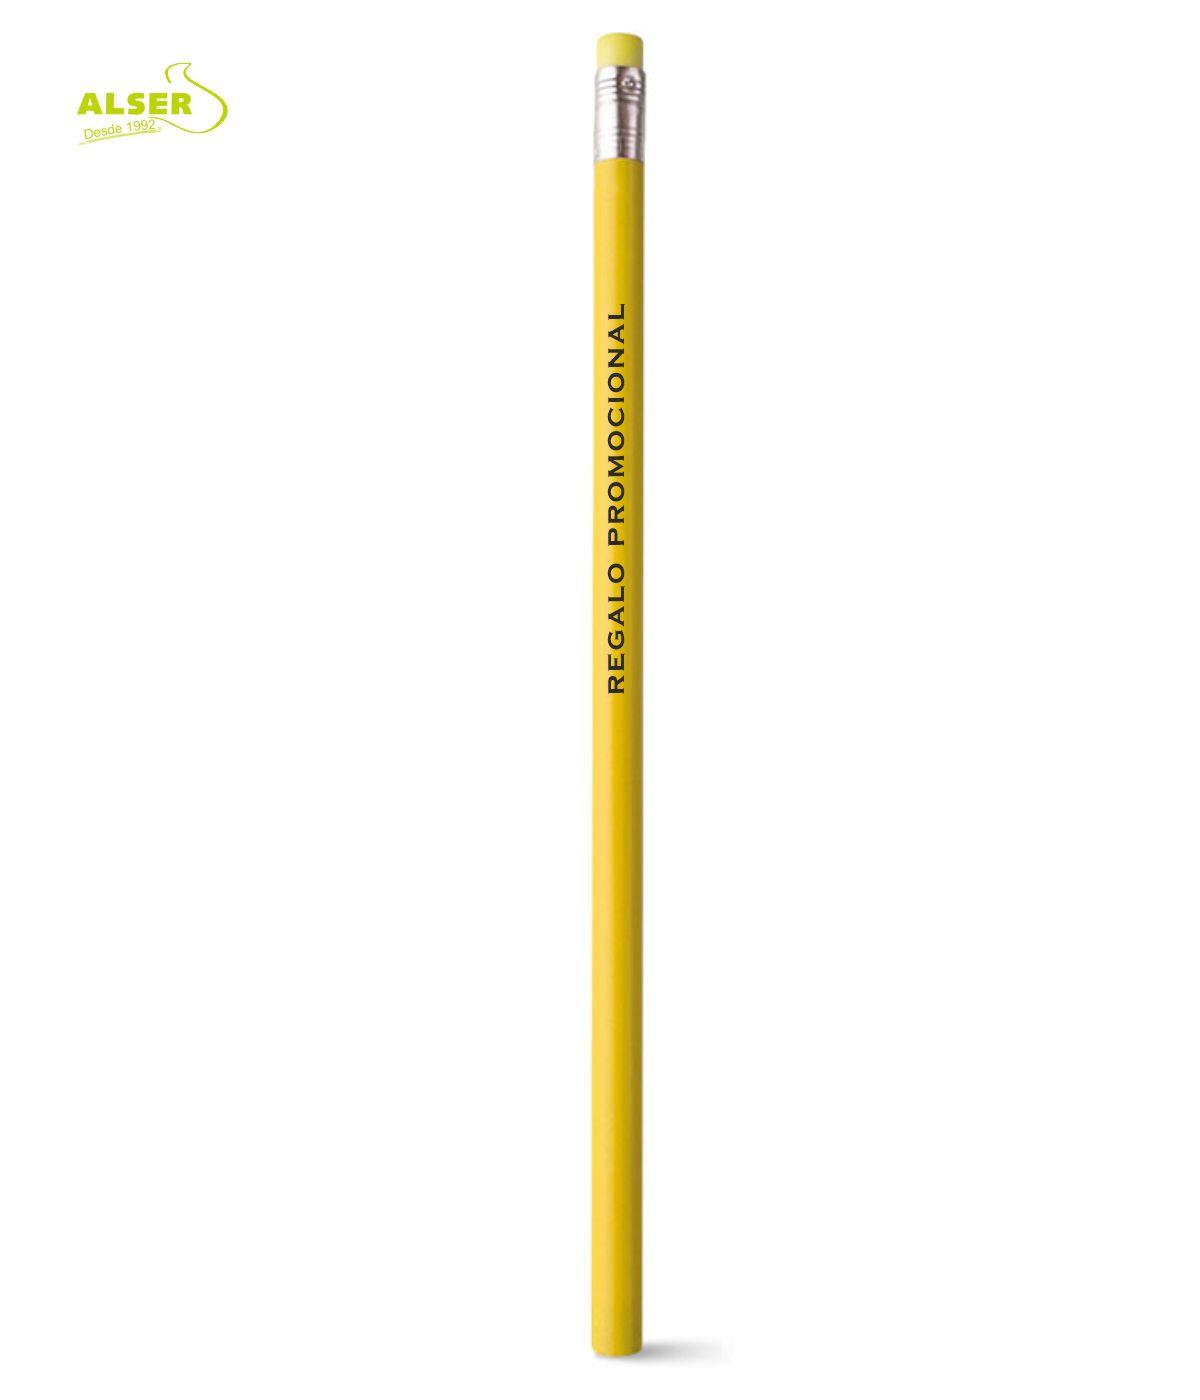 Lapiz publicitario para personalizar Amarillo